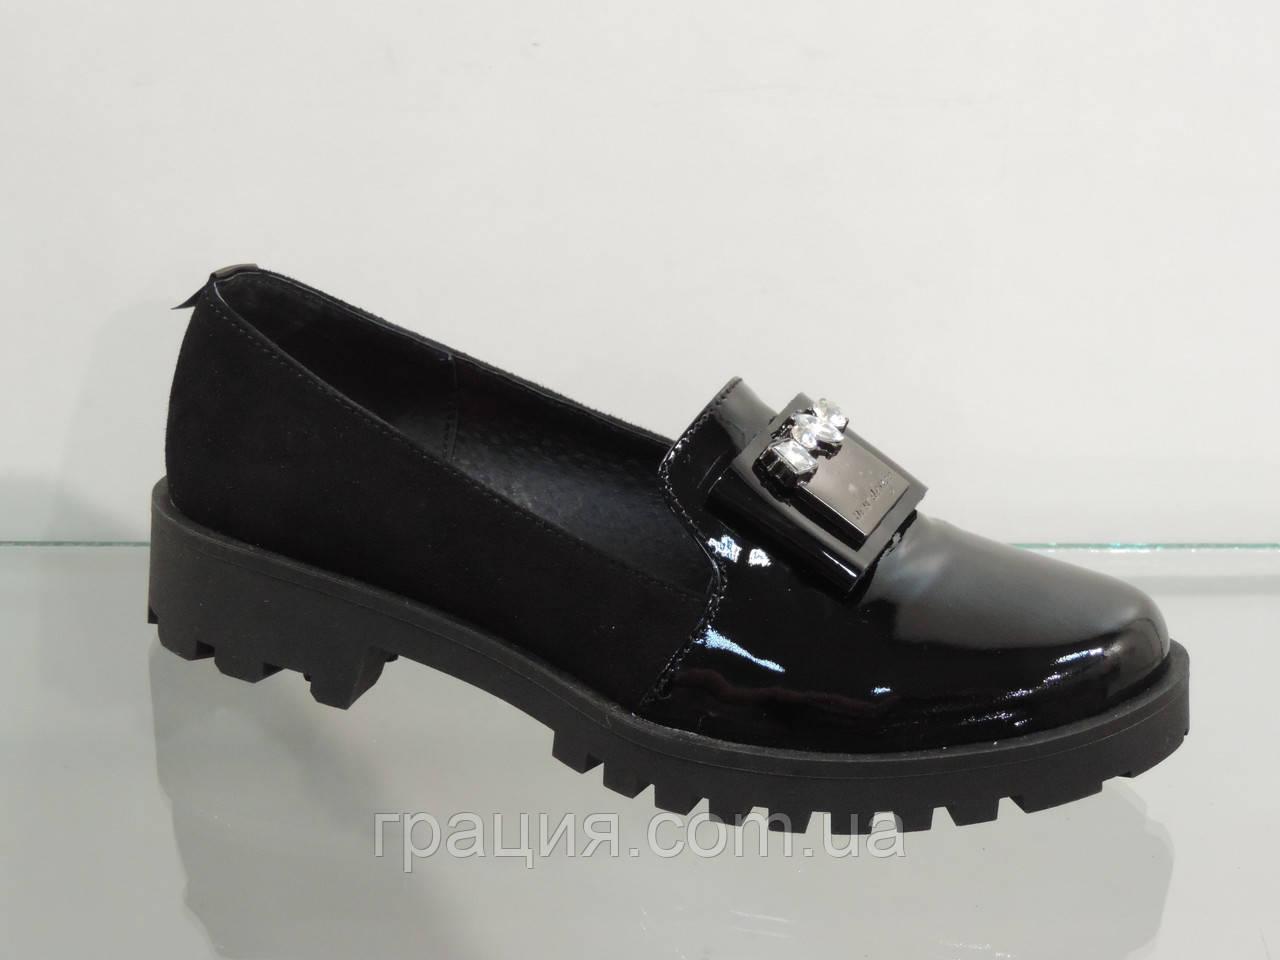 Стильні жіночі туфлі лак-натуральна замша